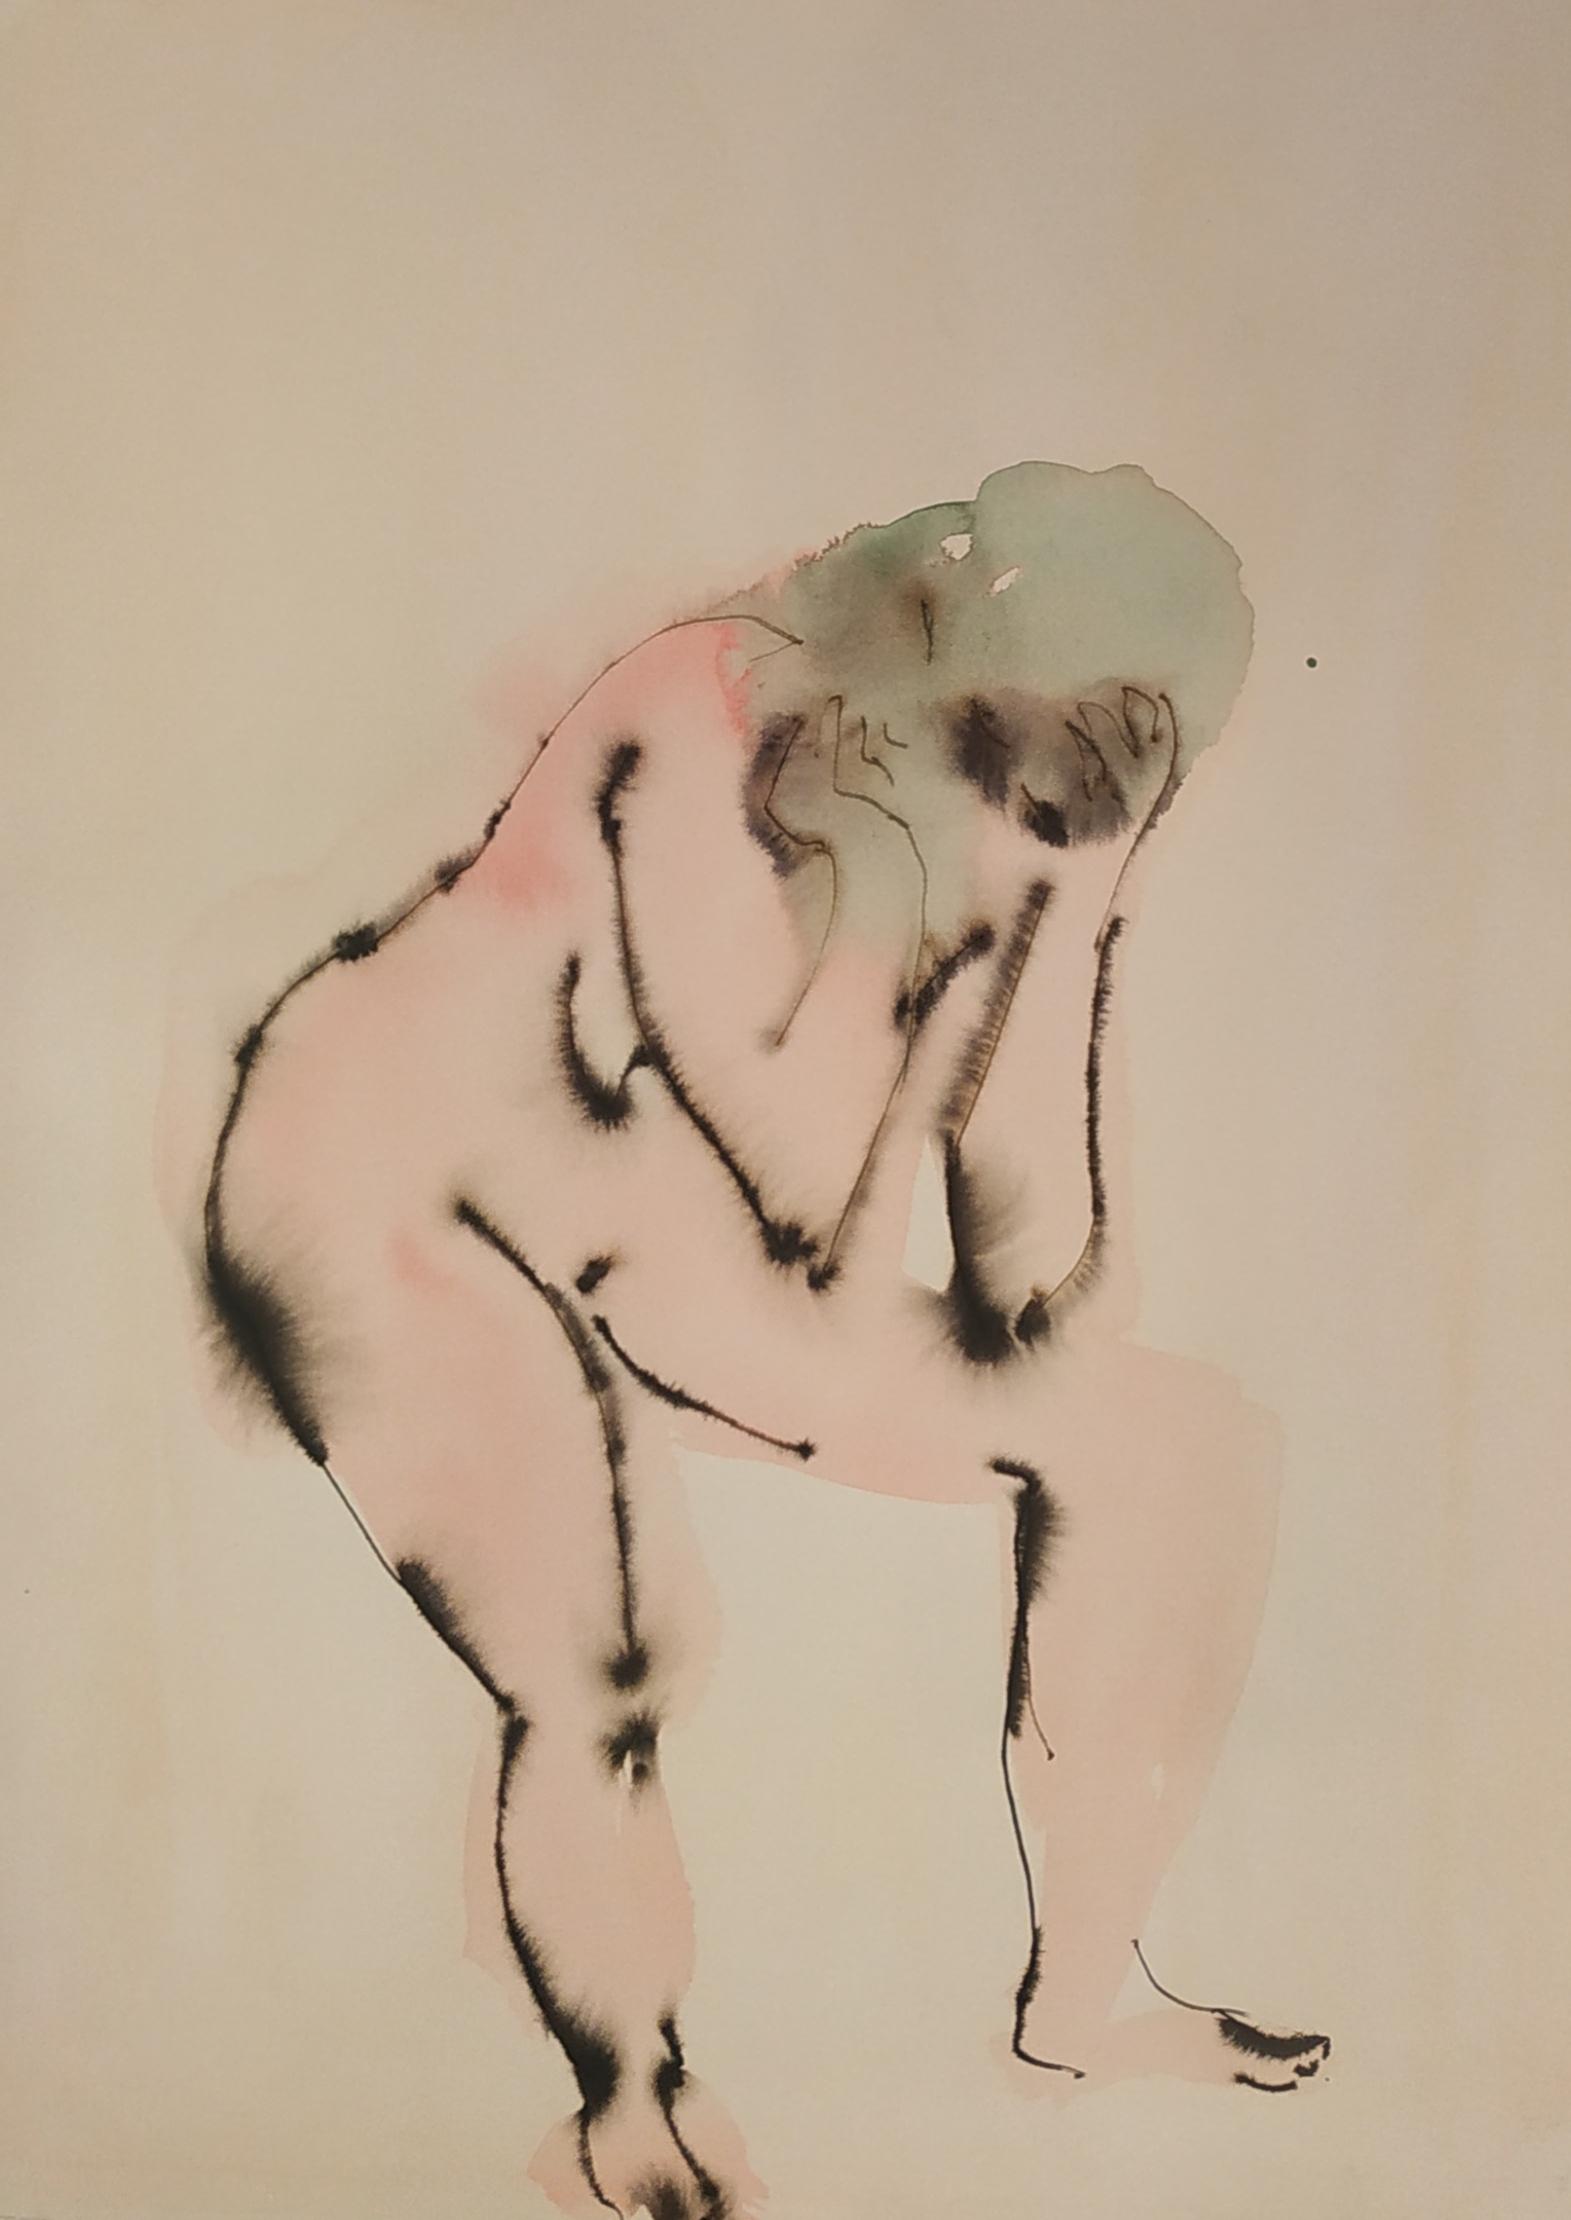 Croquis aquarelle mod�le vivant assis couleurs sur papier  cours de dessin